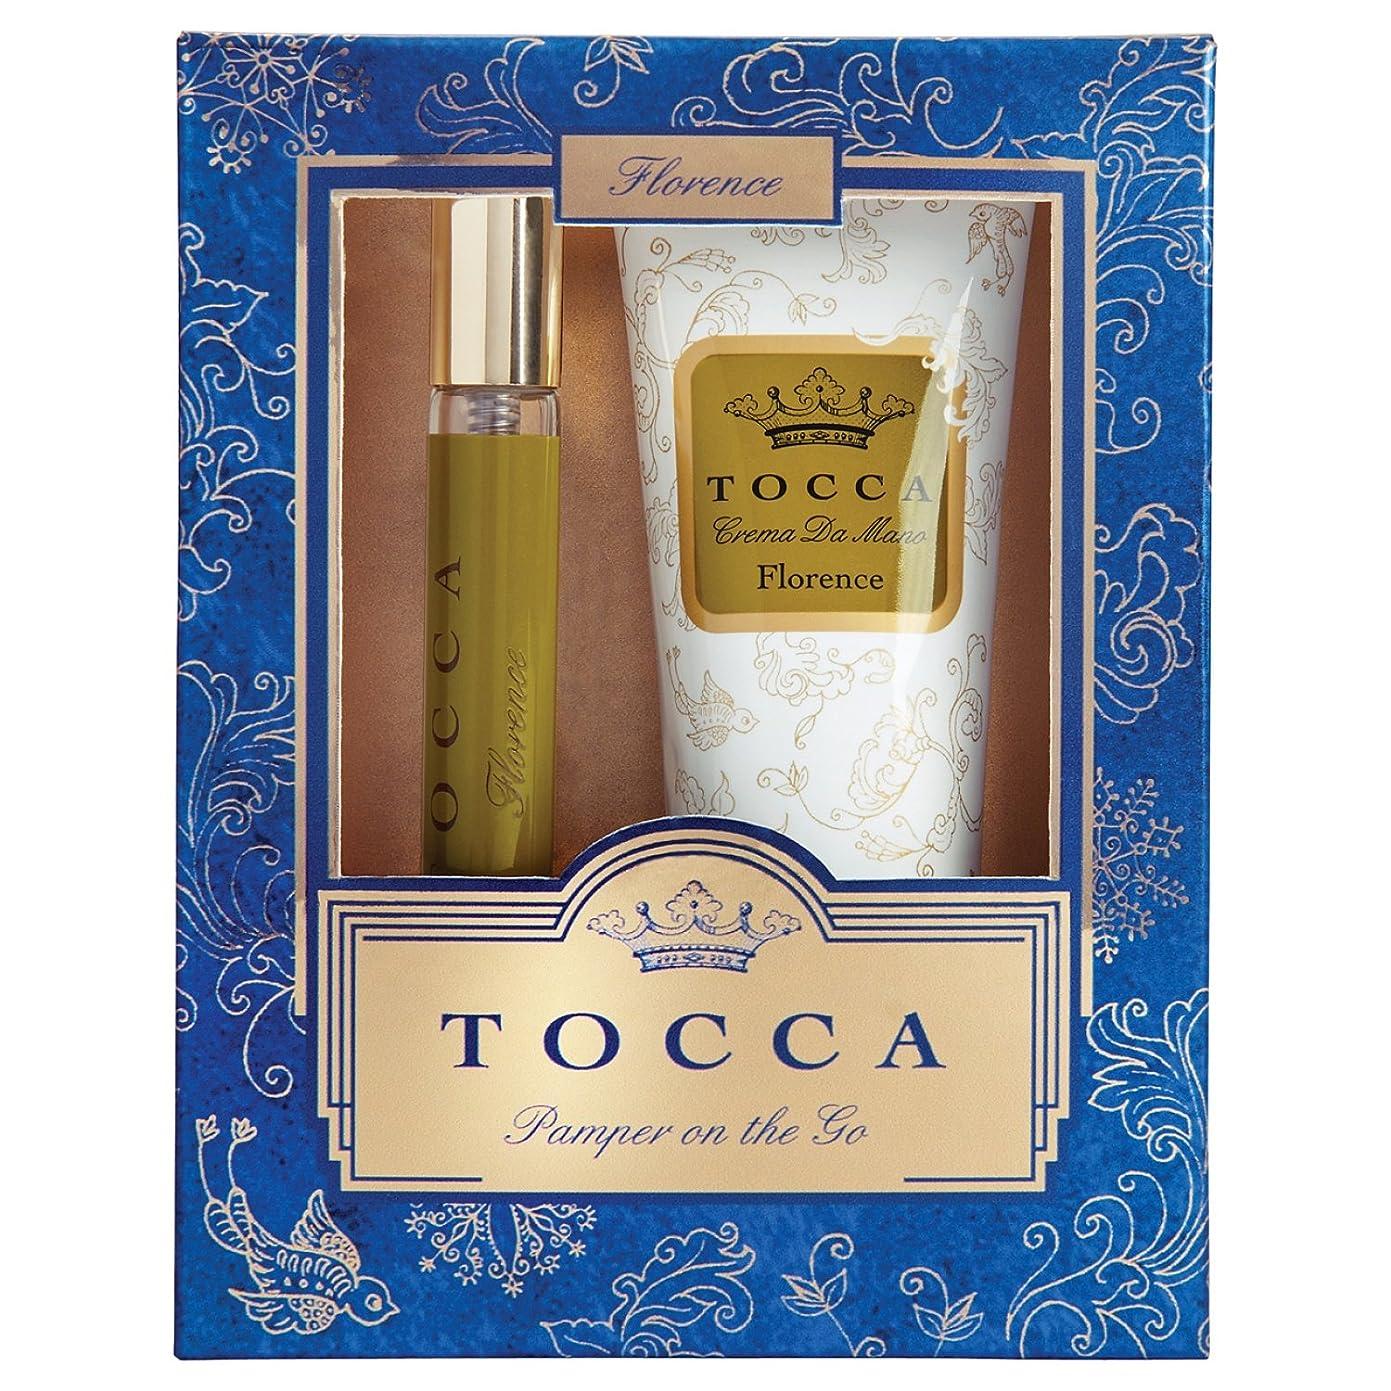 見せますマガジンかろうじてトッカ(TOCCA) トラベルパンパーセットギルディッド フローレンスの香り (ハンドクリーム&香水、限定コフレ)